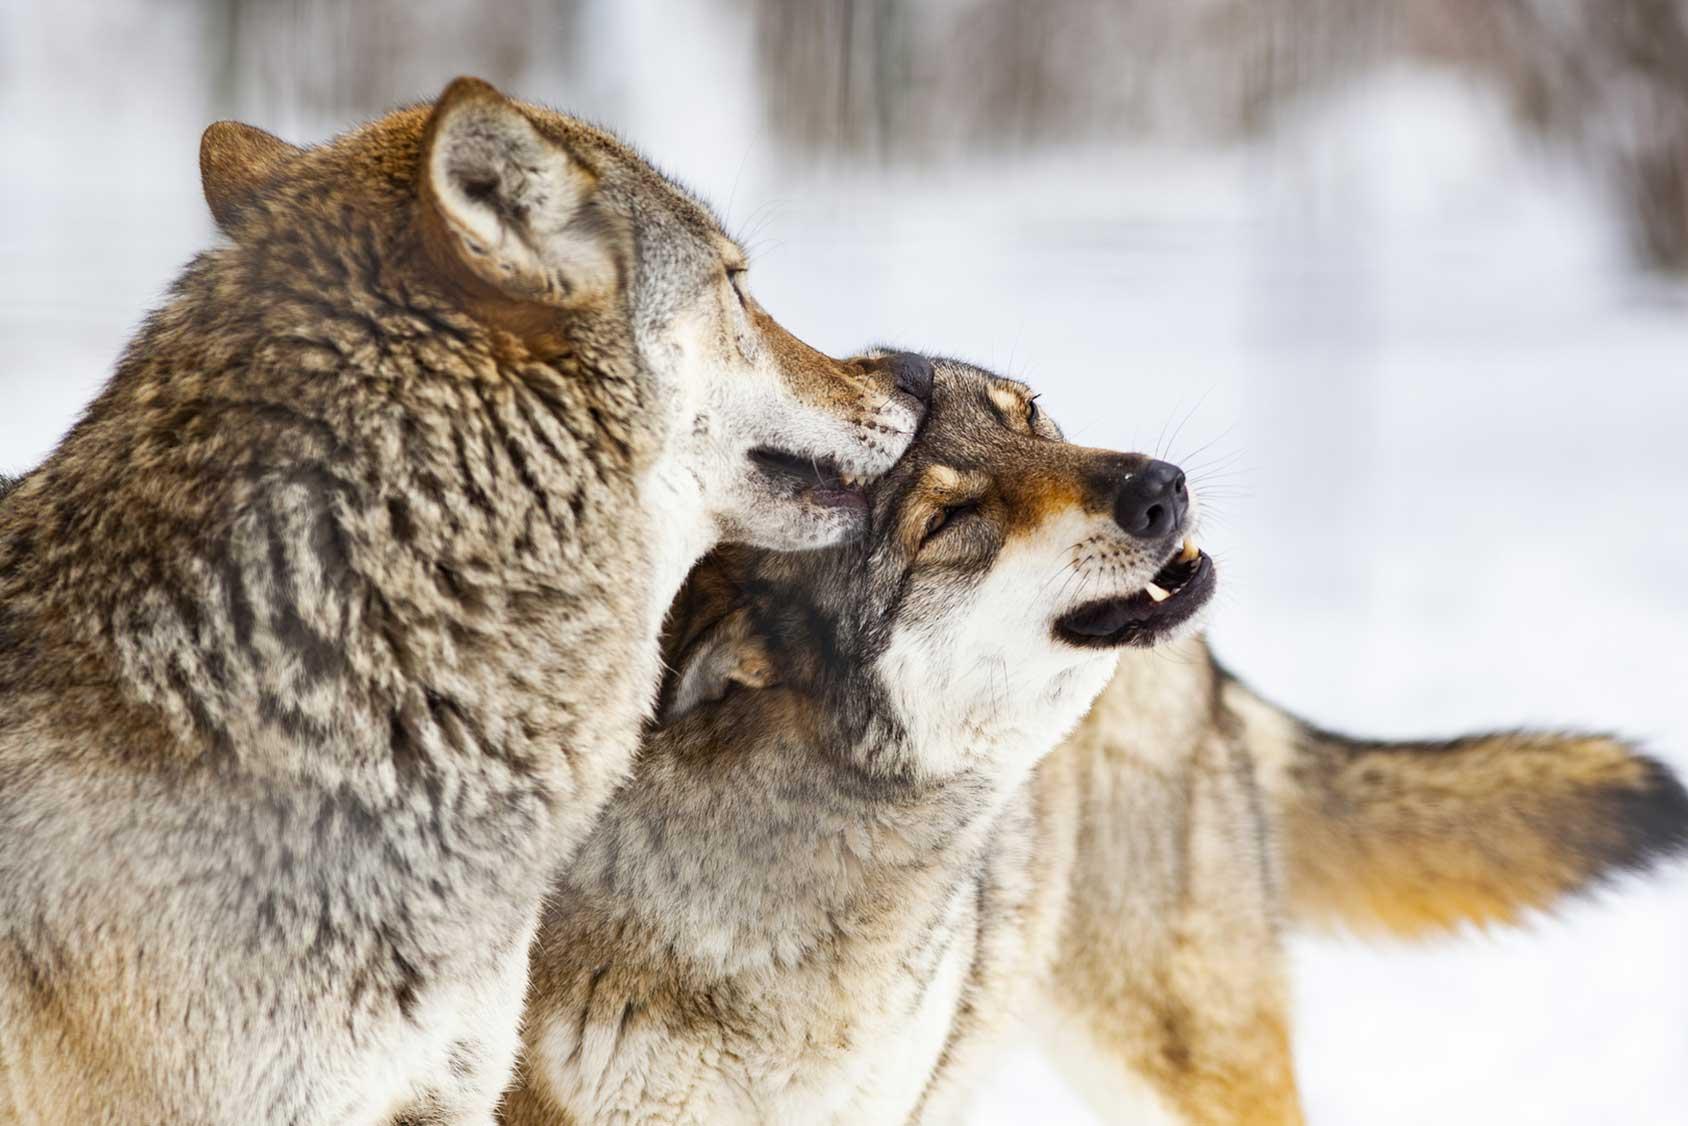 Zum Abschuss freigegeben: Die Situation der Wölfe in Deutschland